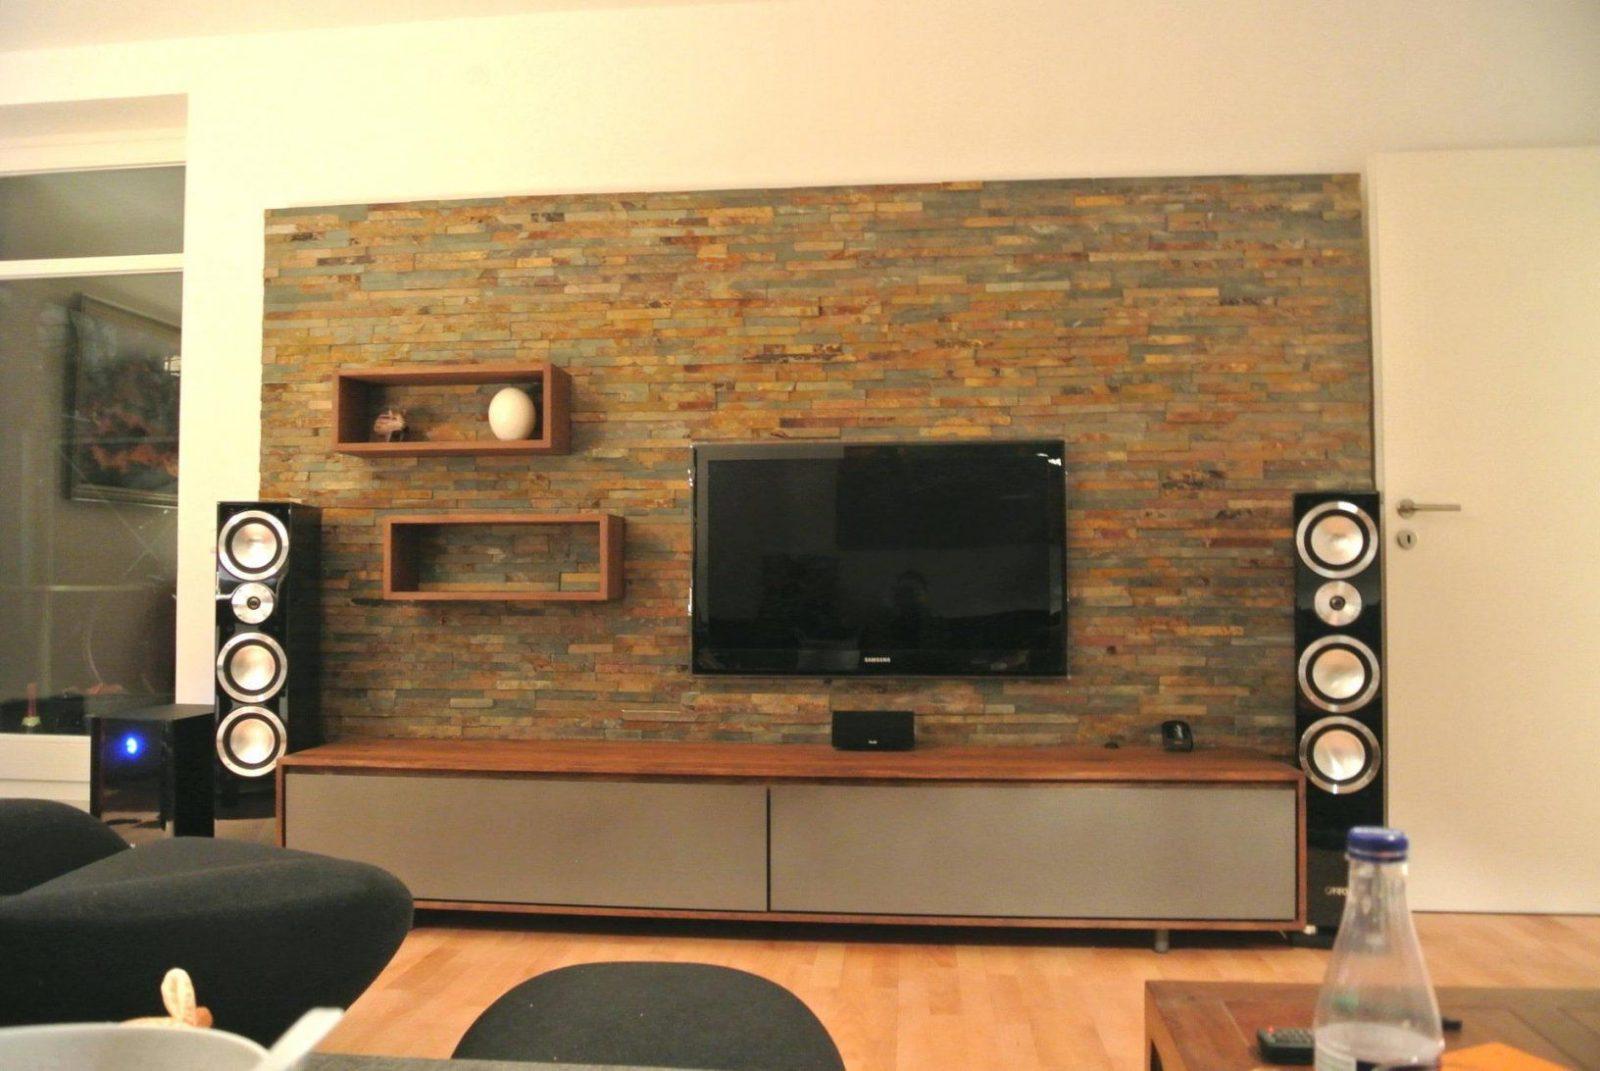 Wandtapete Stein Stylish Design Tapete Steinoptik Wohnzimmer Grau von Tapete In Steinoptik Wohnzimmer Bild